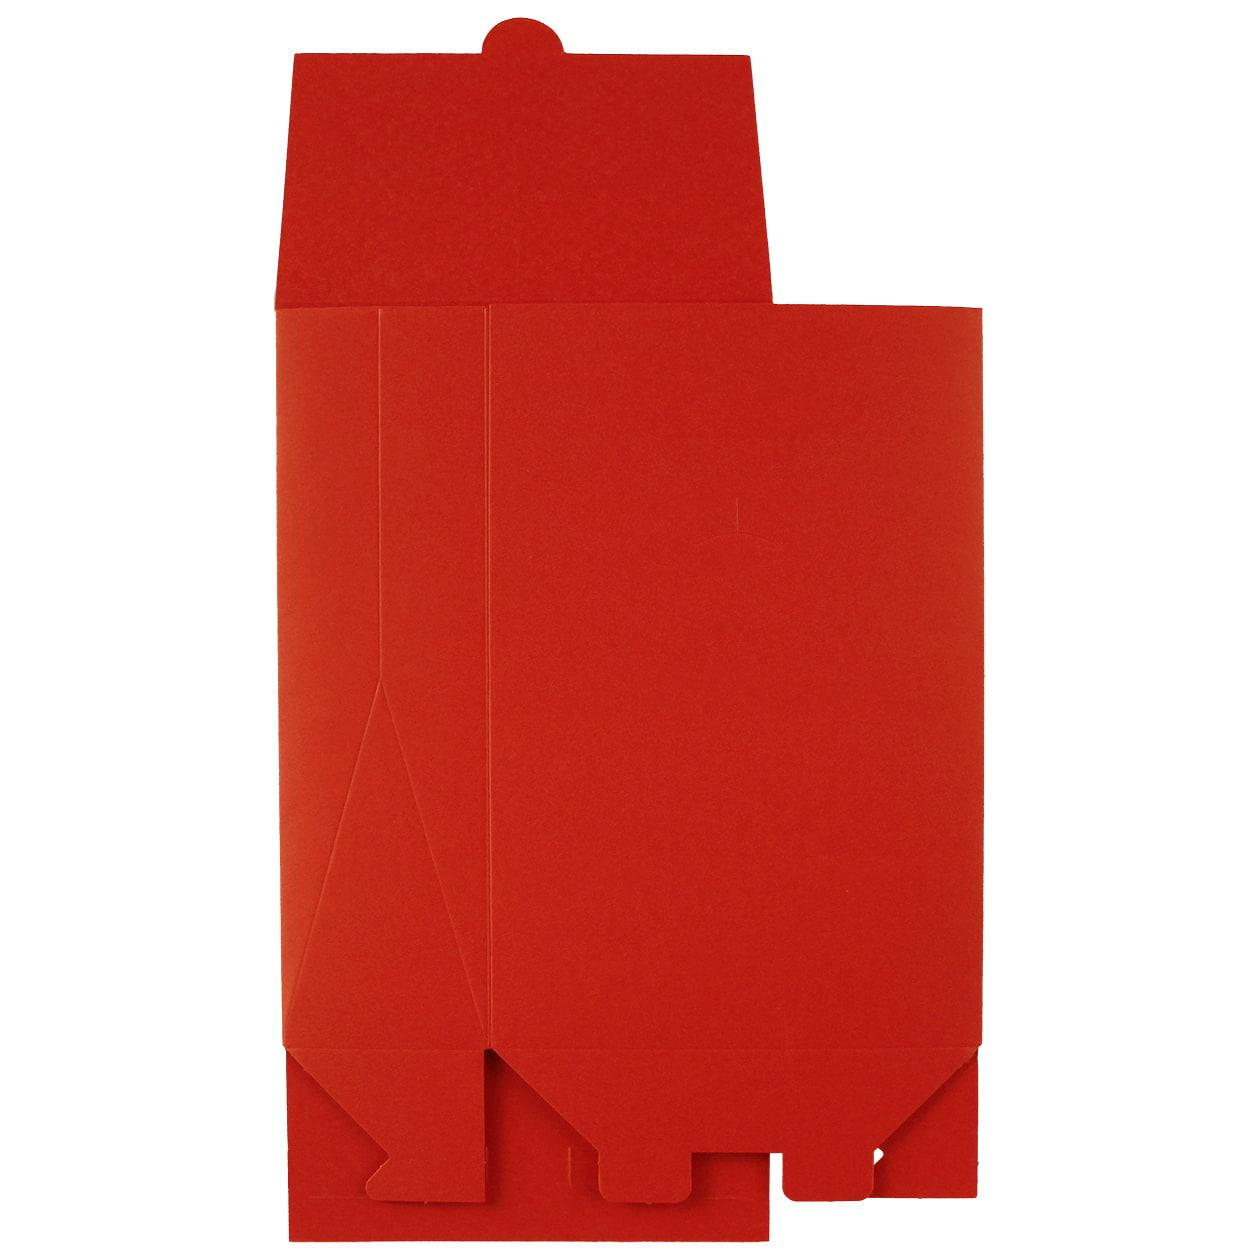 角底箱ロック式120×180×50 ボード紙 レッド 250g